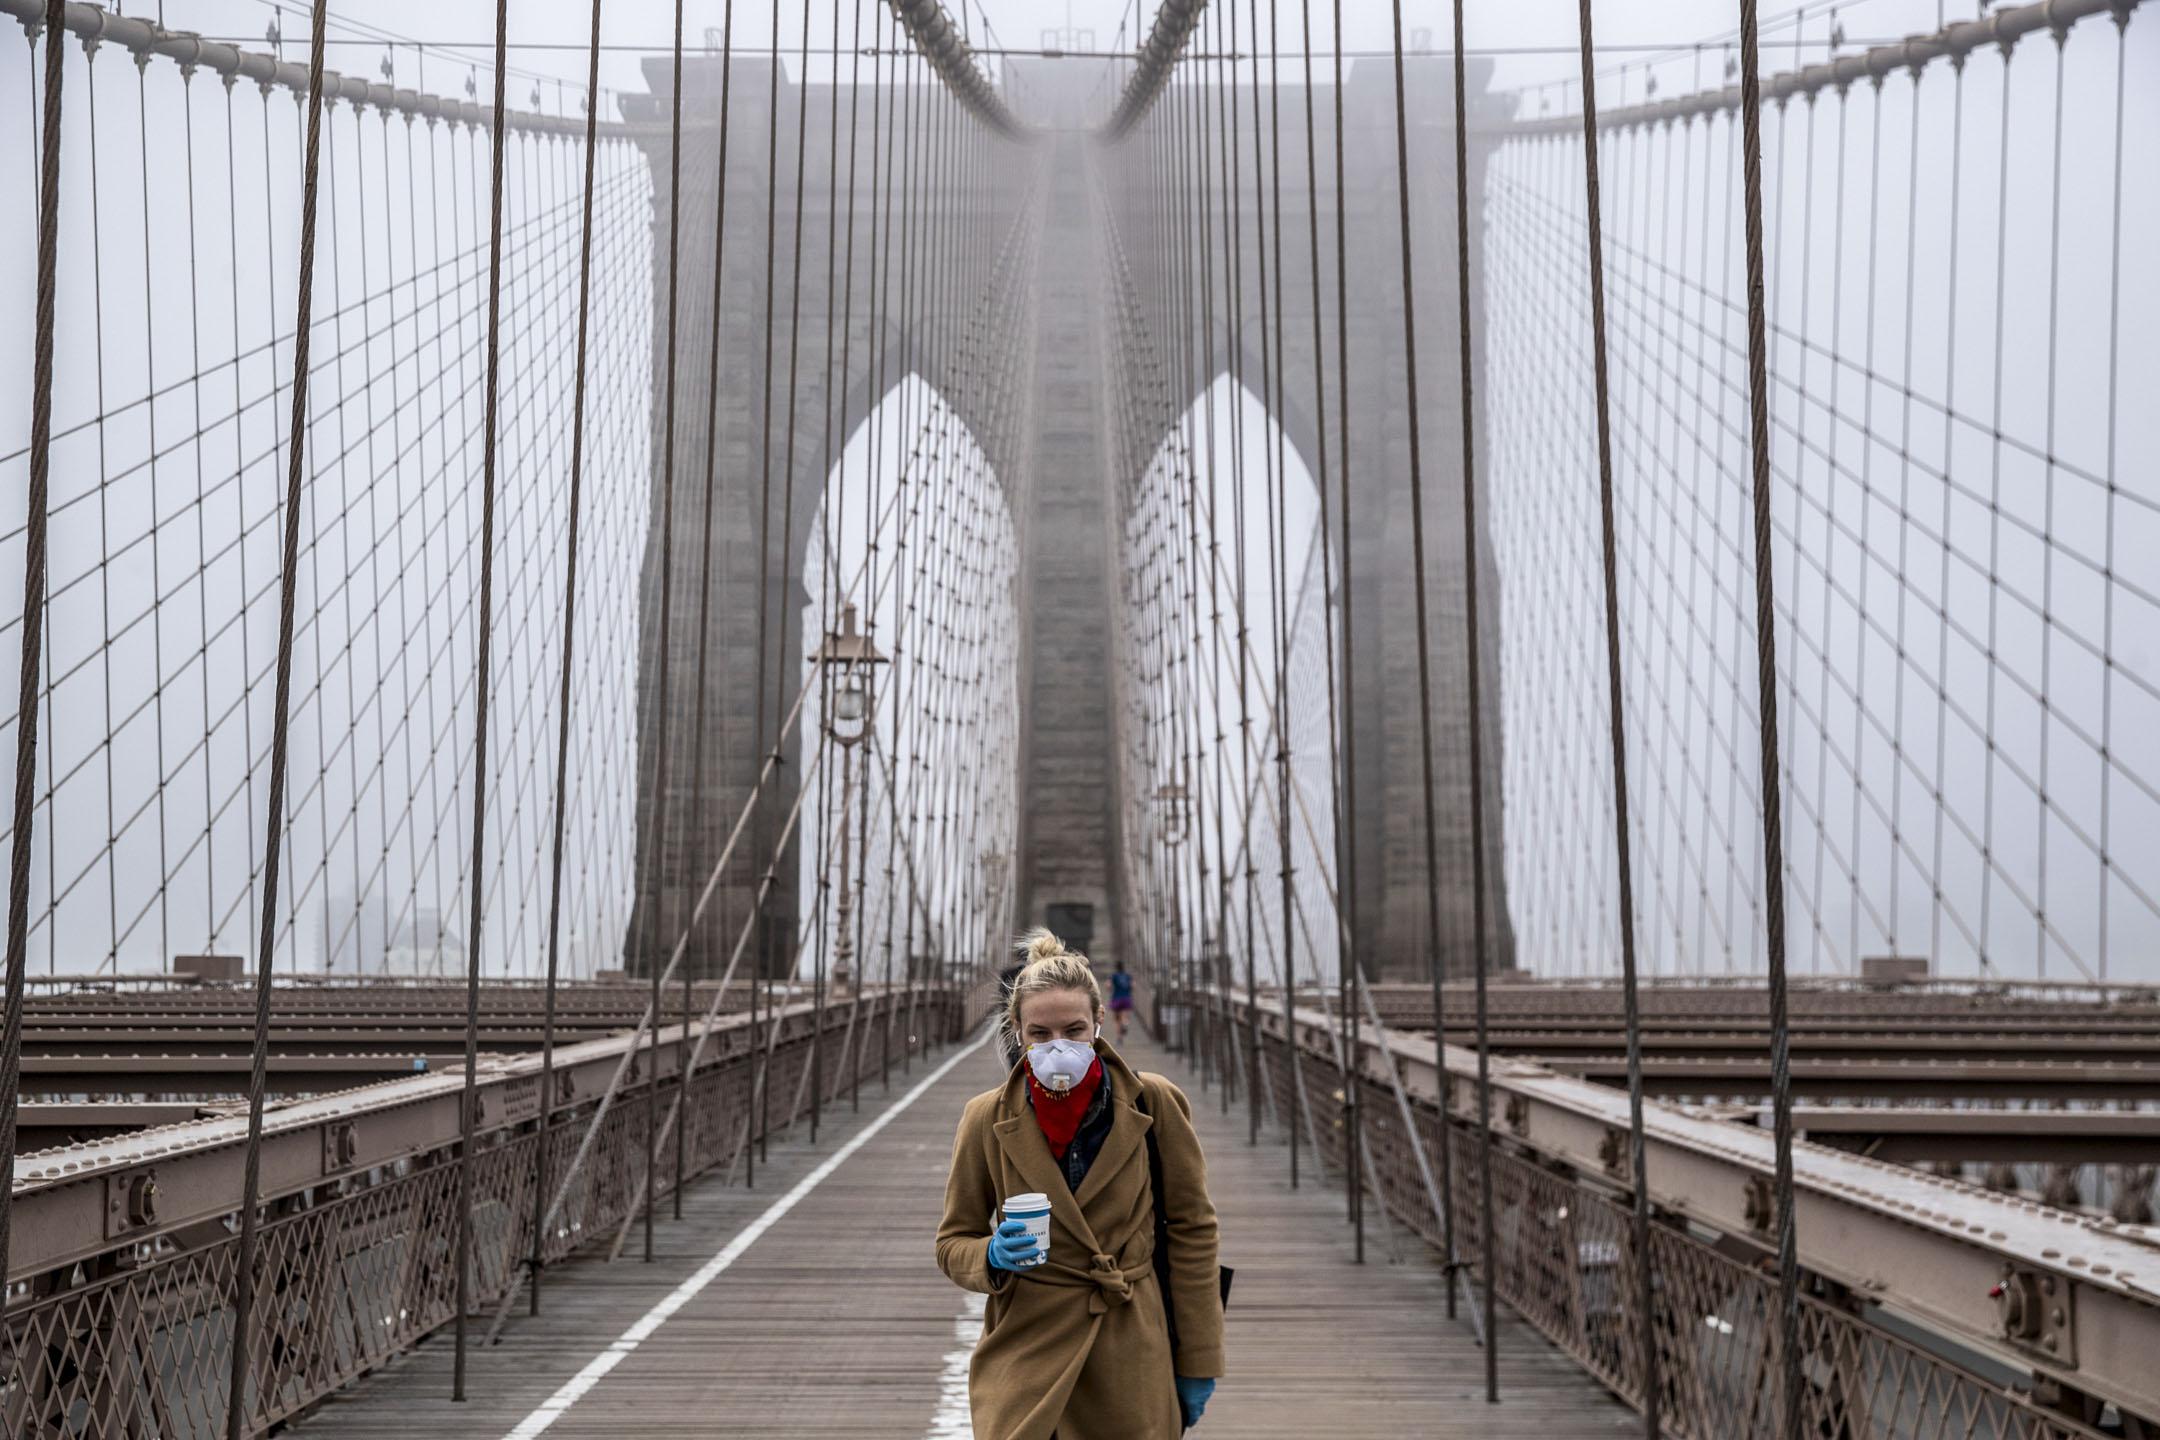 2020年3月20日,紐約布魯克林大橋上,一個戴著口罩的女子經過。 攝:Victor J. Blue/Getty Images